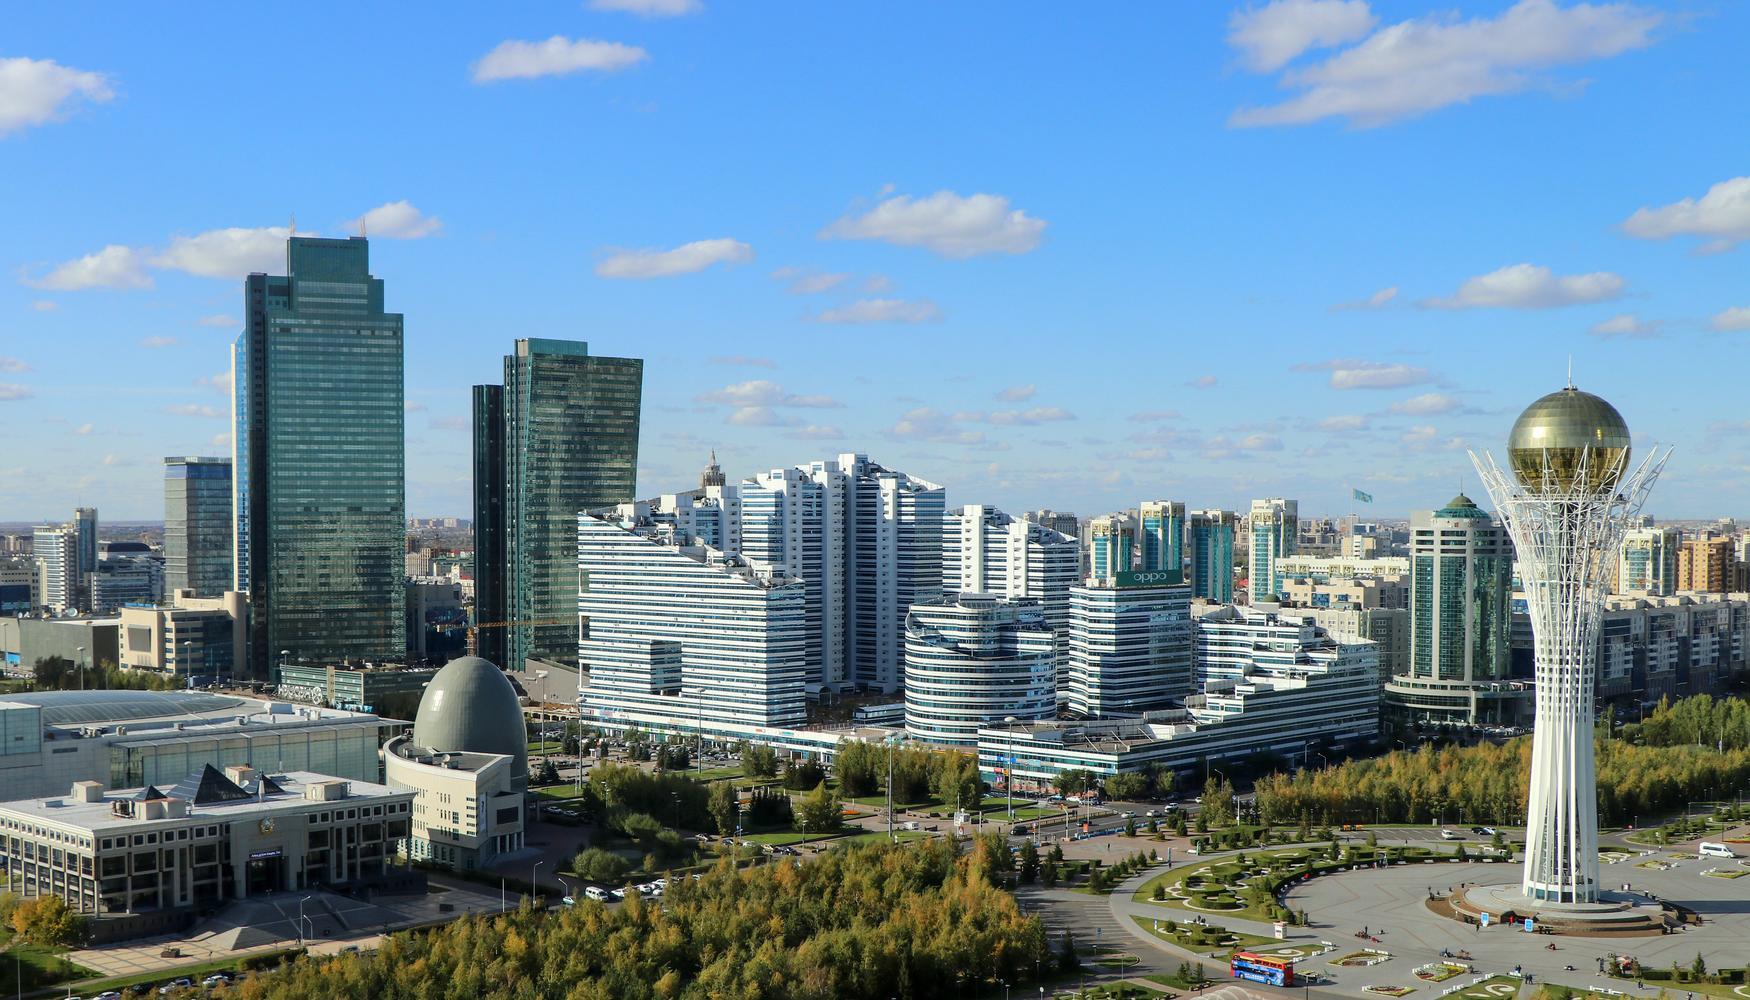 Alquiler de coches en Aeropuerto Astana Nursultan Nazarbayev Intl